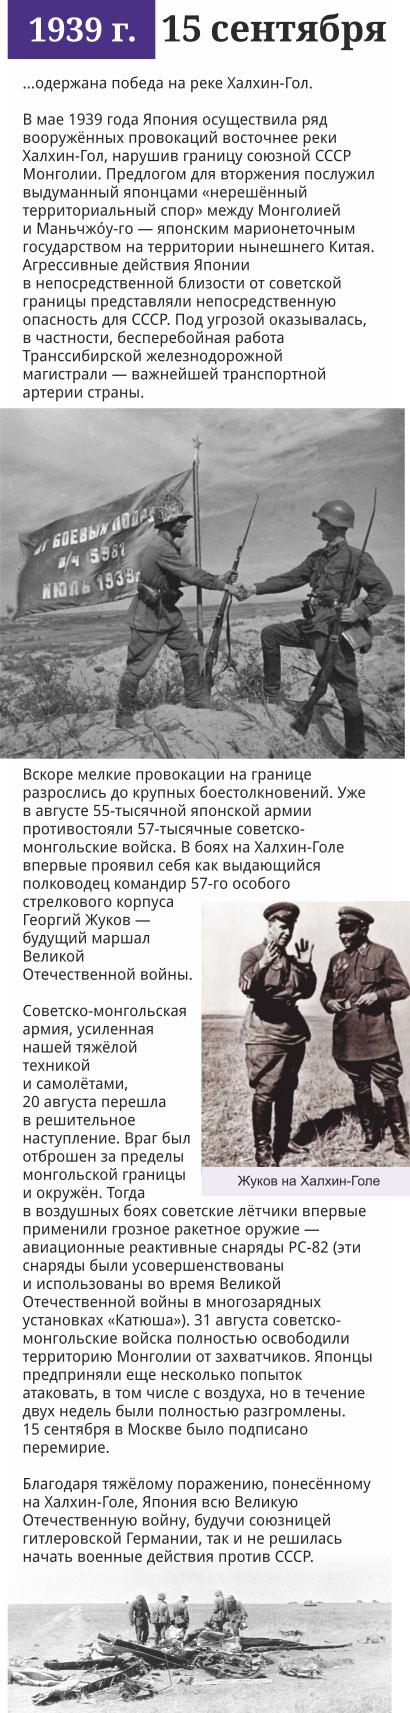 15 сентября, 1939 год.